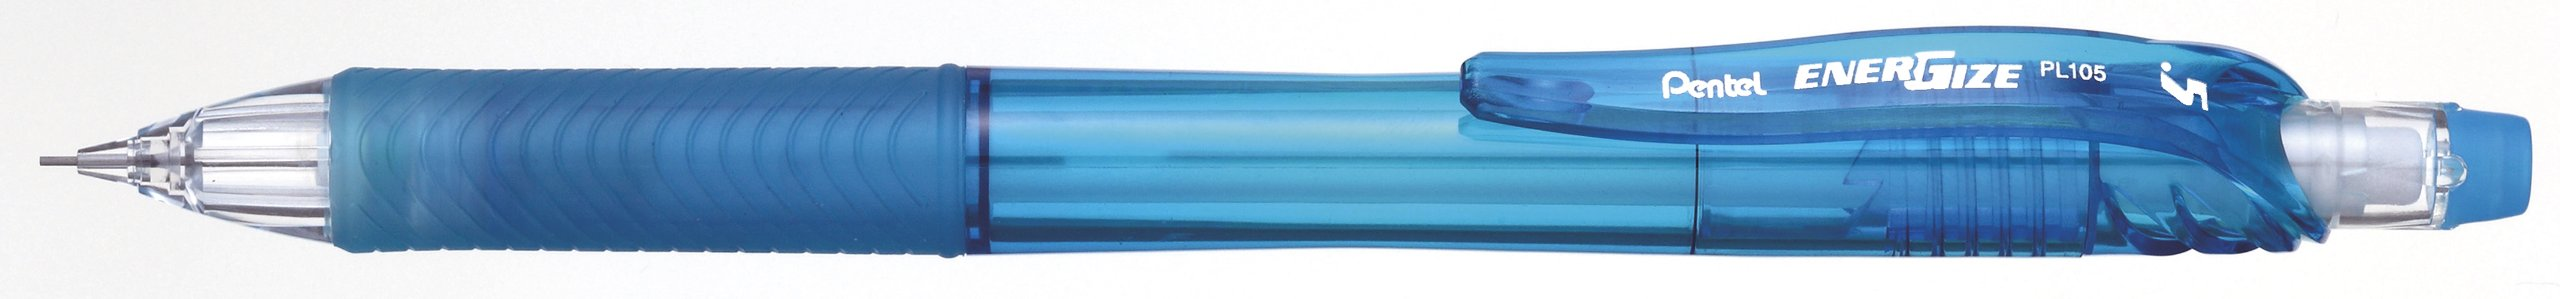 12 x Pentel EnerGize-X lápiz mecánico (0.5mm) Cielo Azul